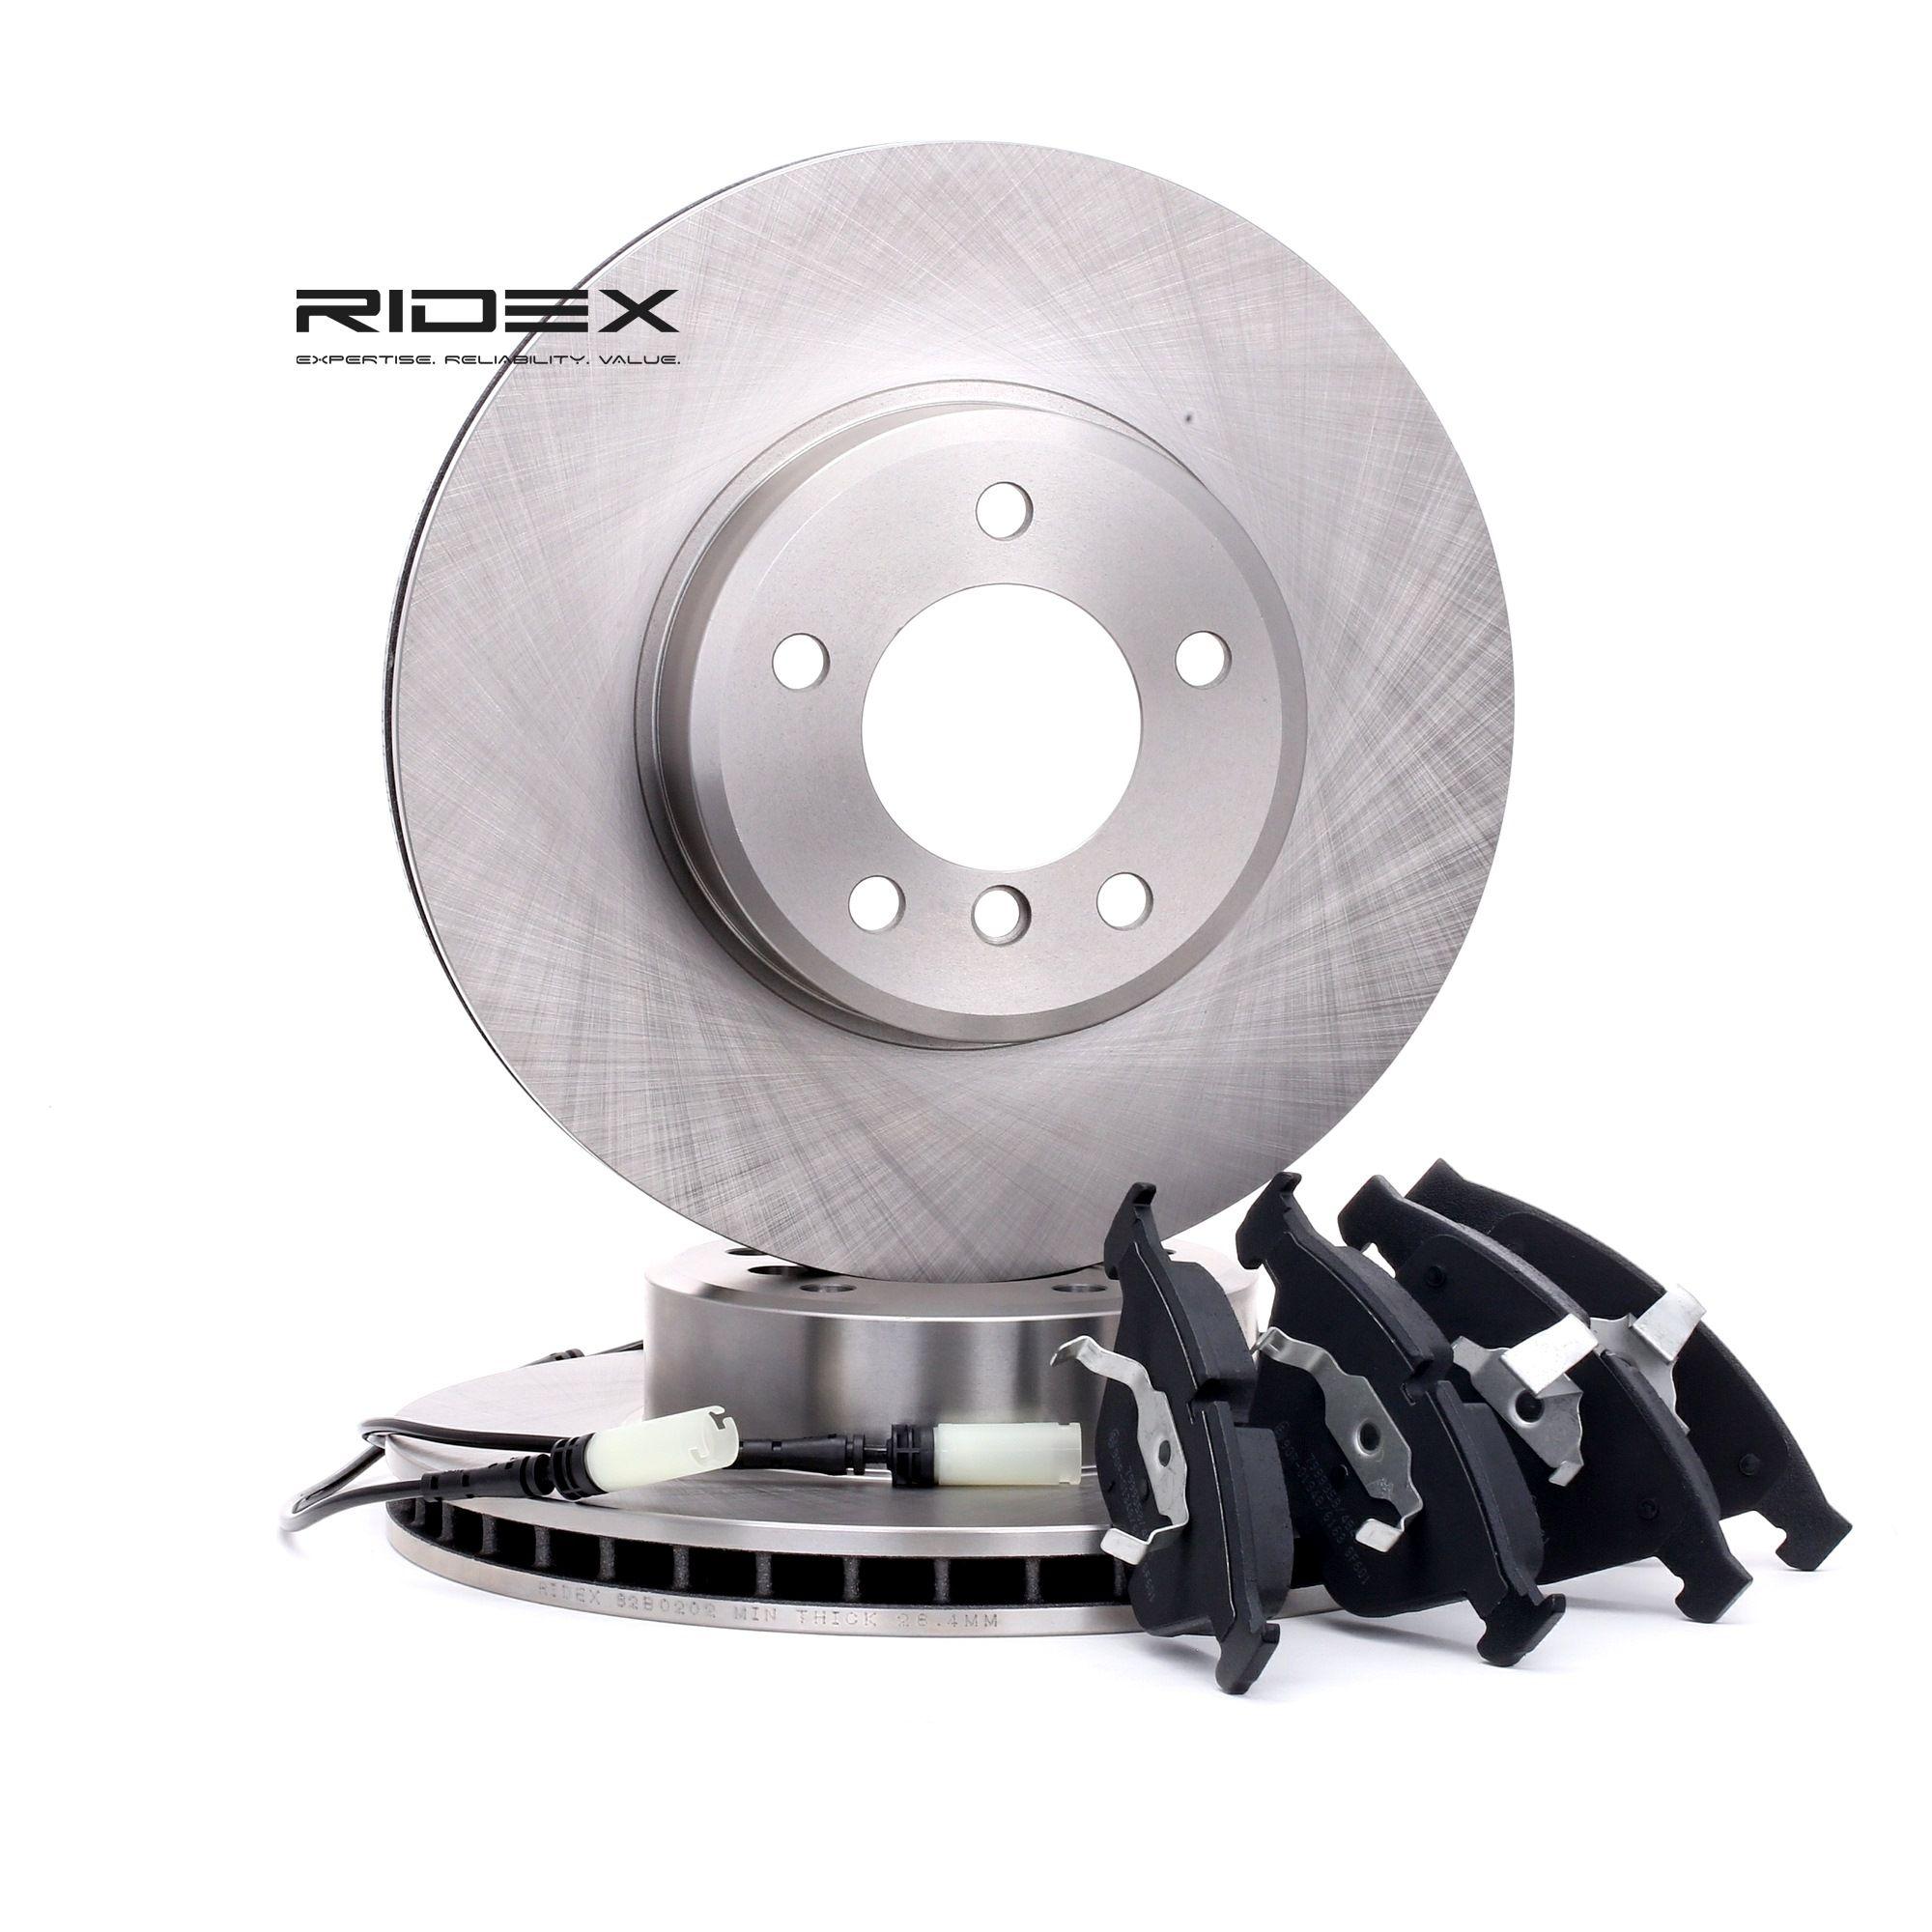 RIDEX: Original Bremsscheiben und Bremsbeläge 3405B0213 (Bremsscheibendicke: 30mm)